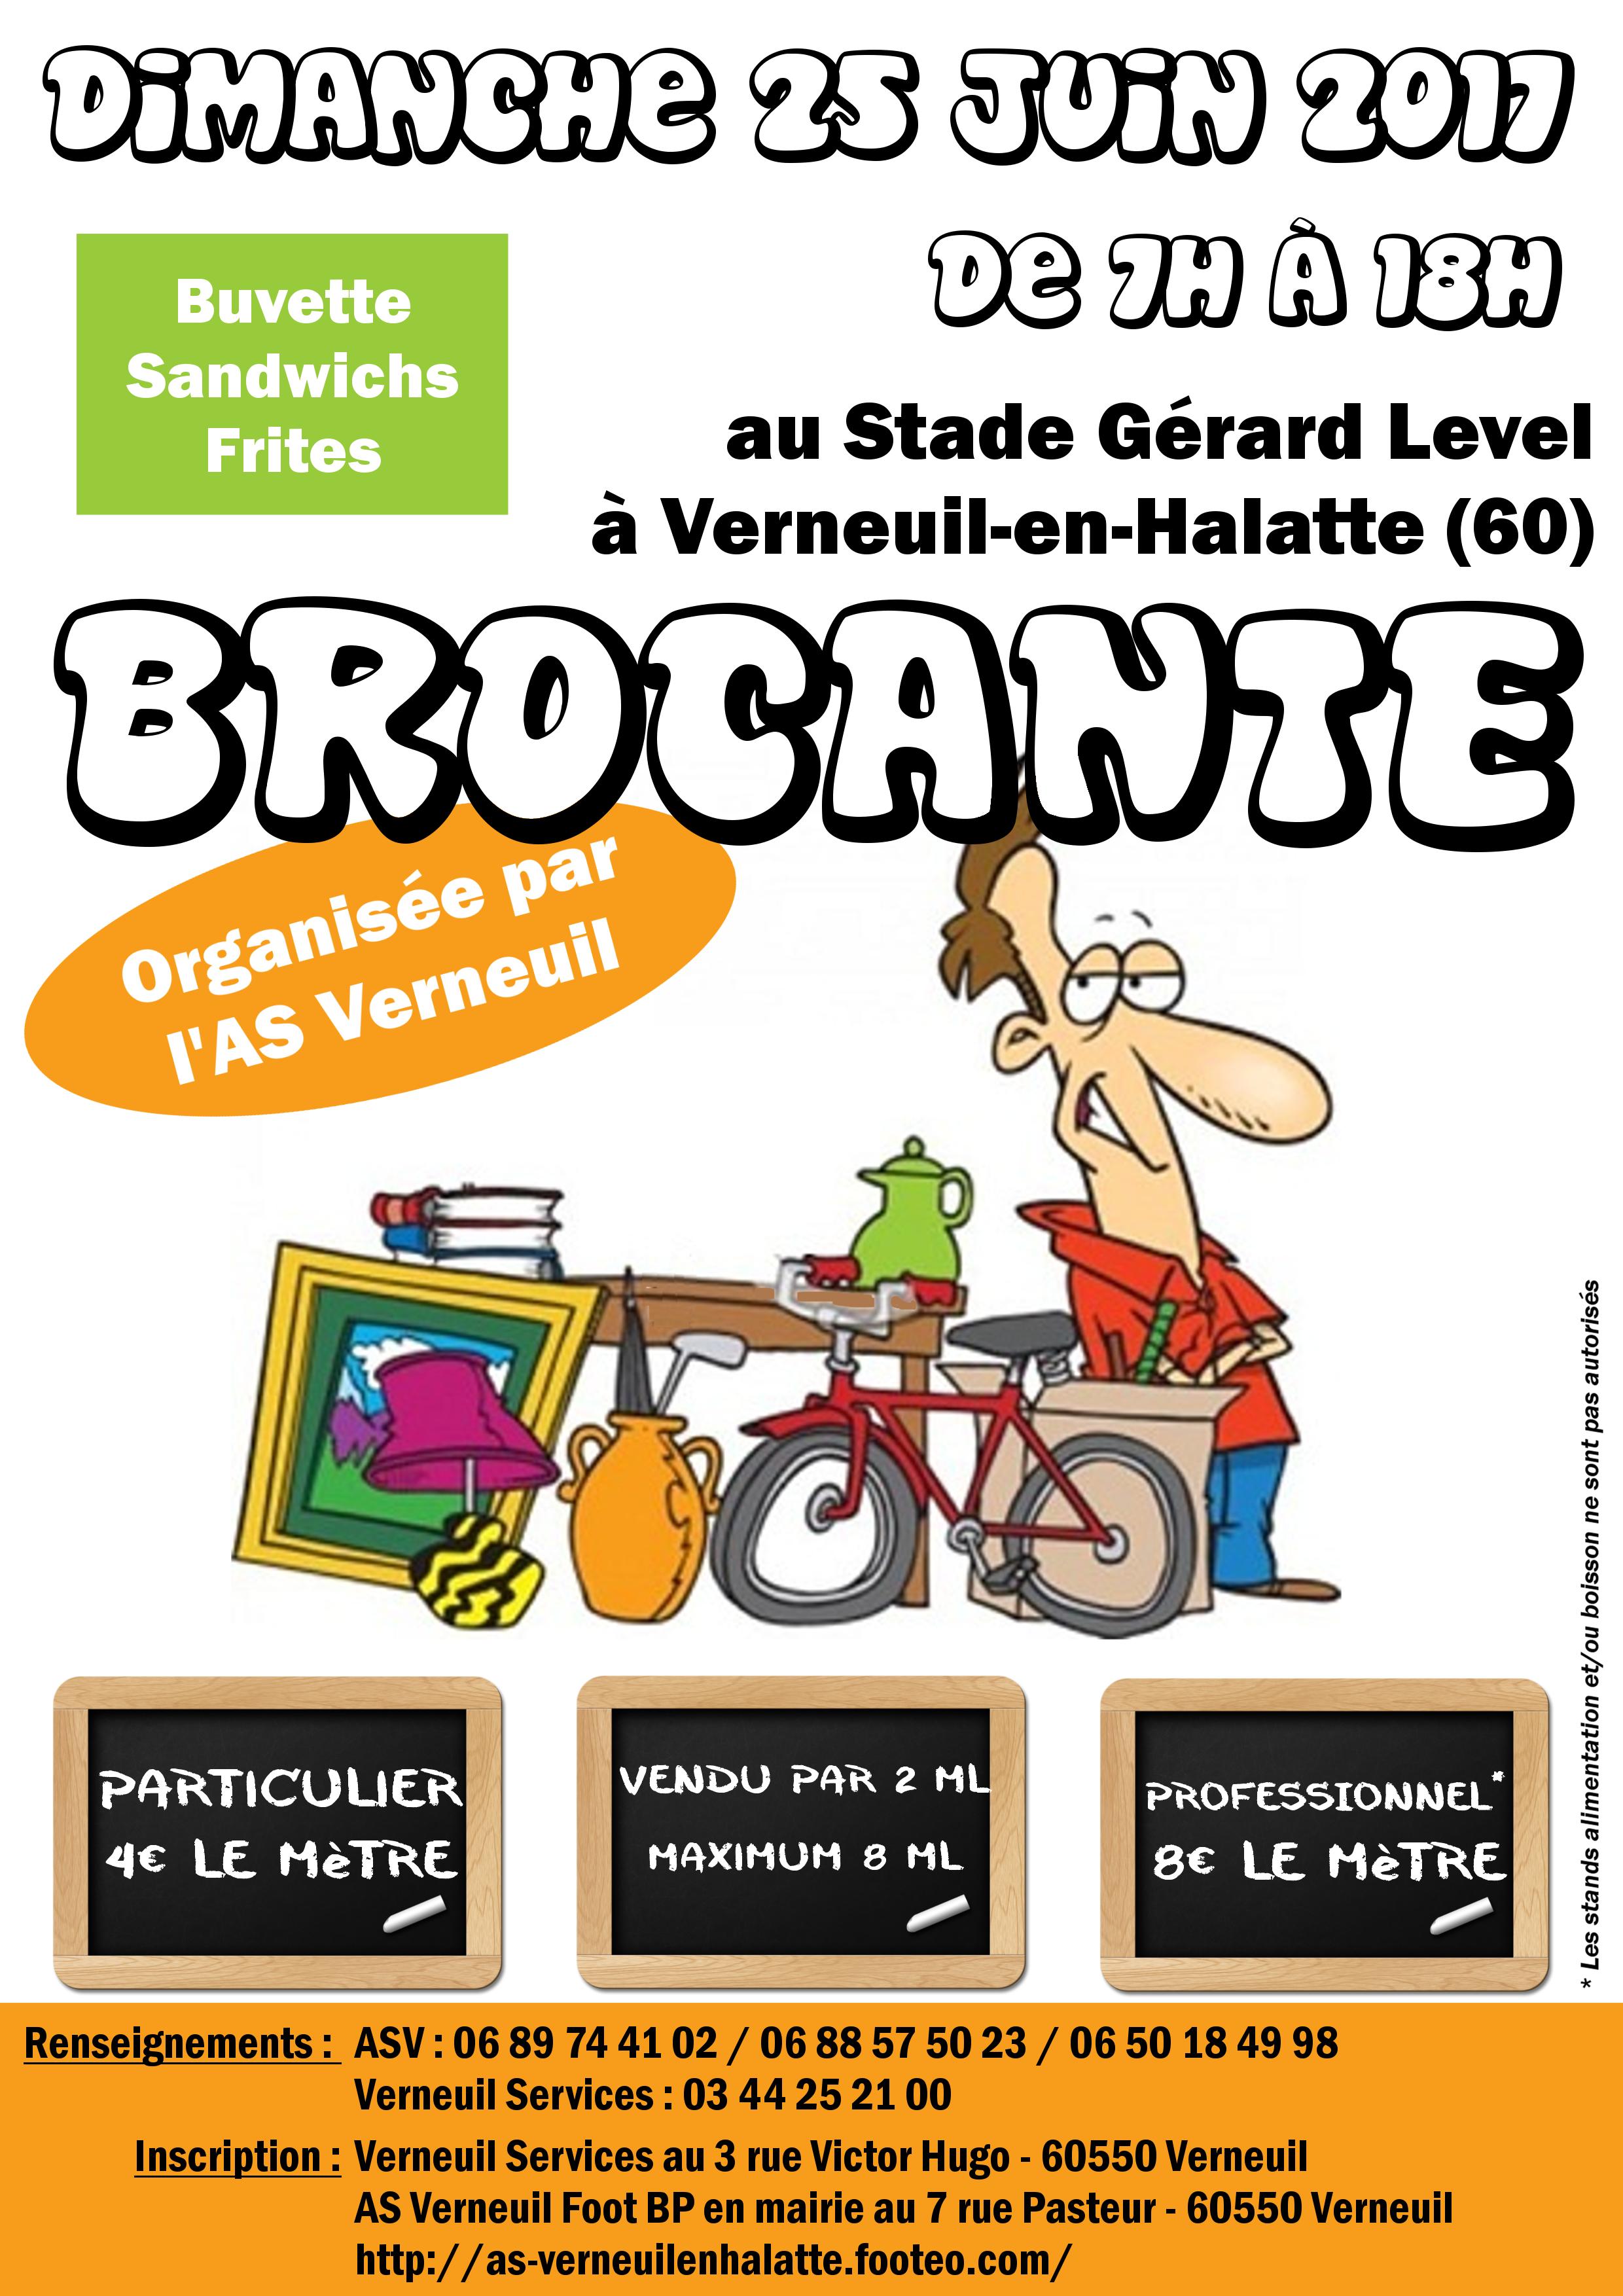 Brocante à Verneuil-en-Halatte le Dimanche 25 juin 2017